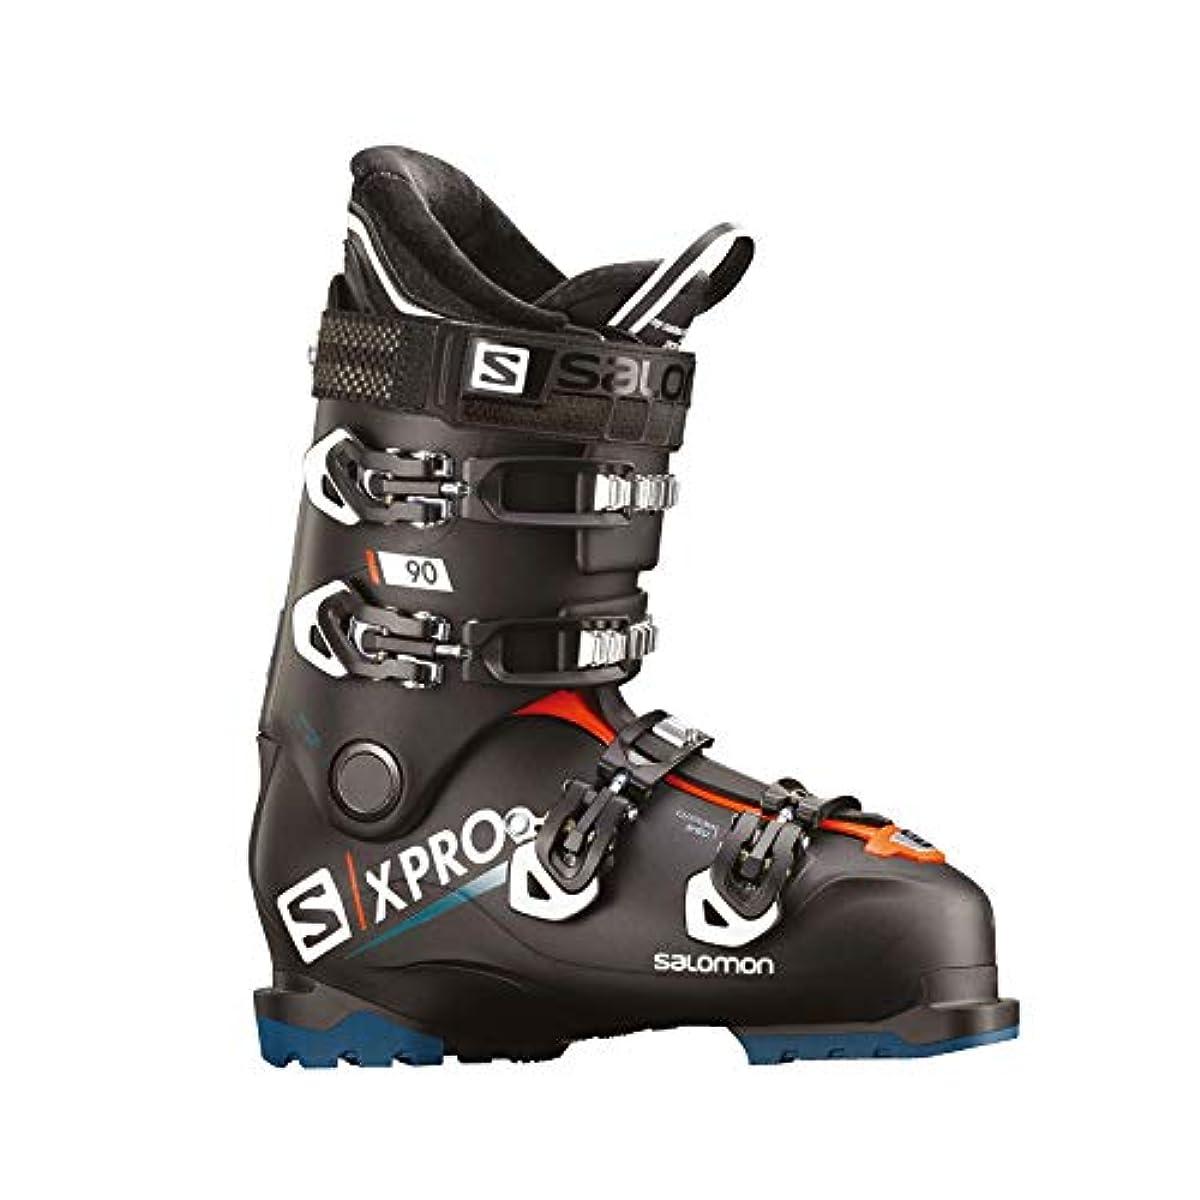 [해외] 살로몬SALOMON 스키화 맨즈 X PRO 90 2018-19년 모델 L40551400